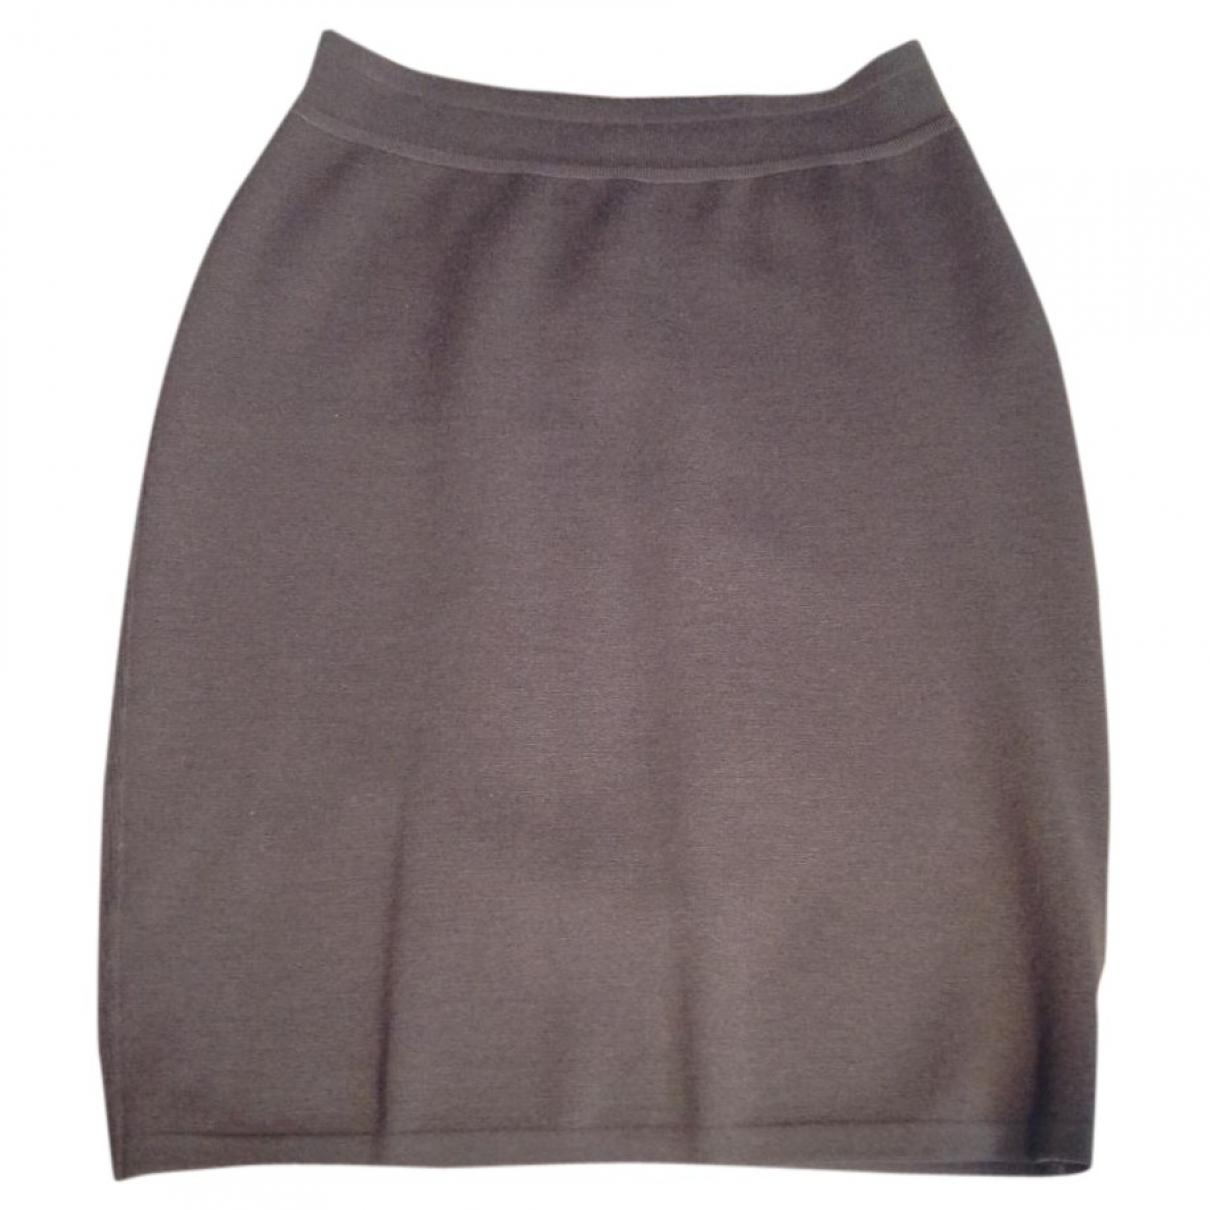 Alaia - Jupe   pour femme en laine - marron